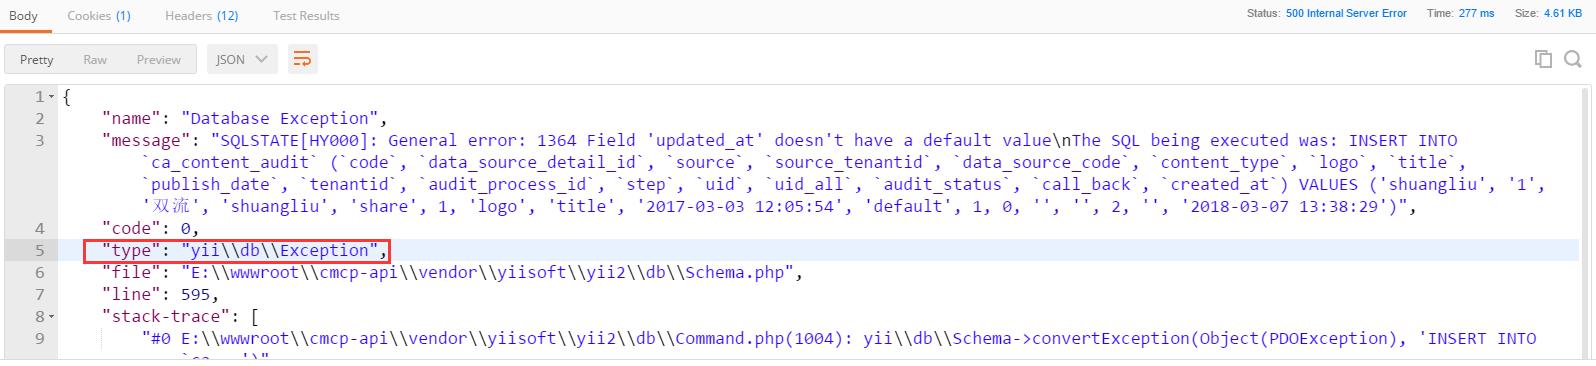 测试事务是否支持,特意让$this->save()操作失败、让$contentDetail->save()操作成功,响应如下